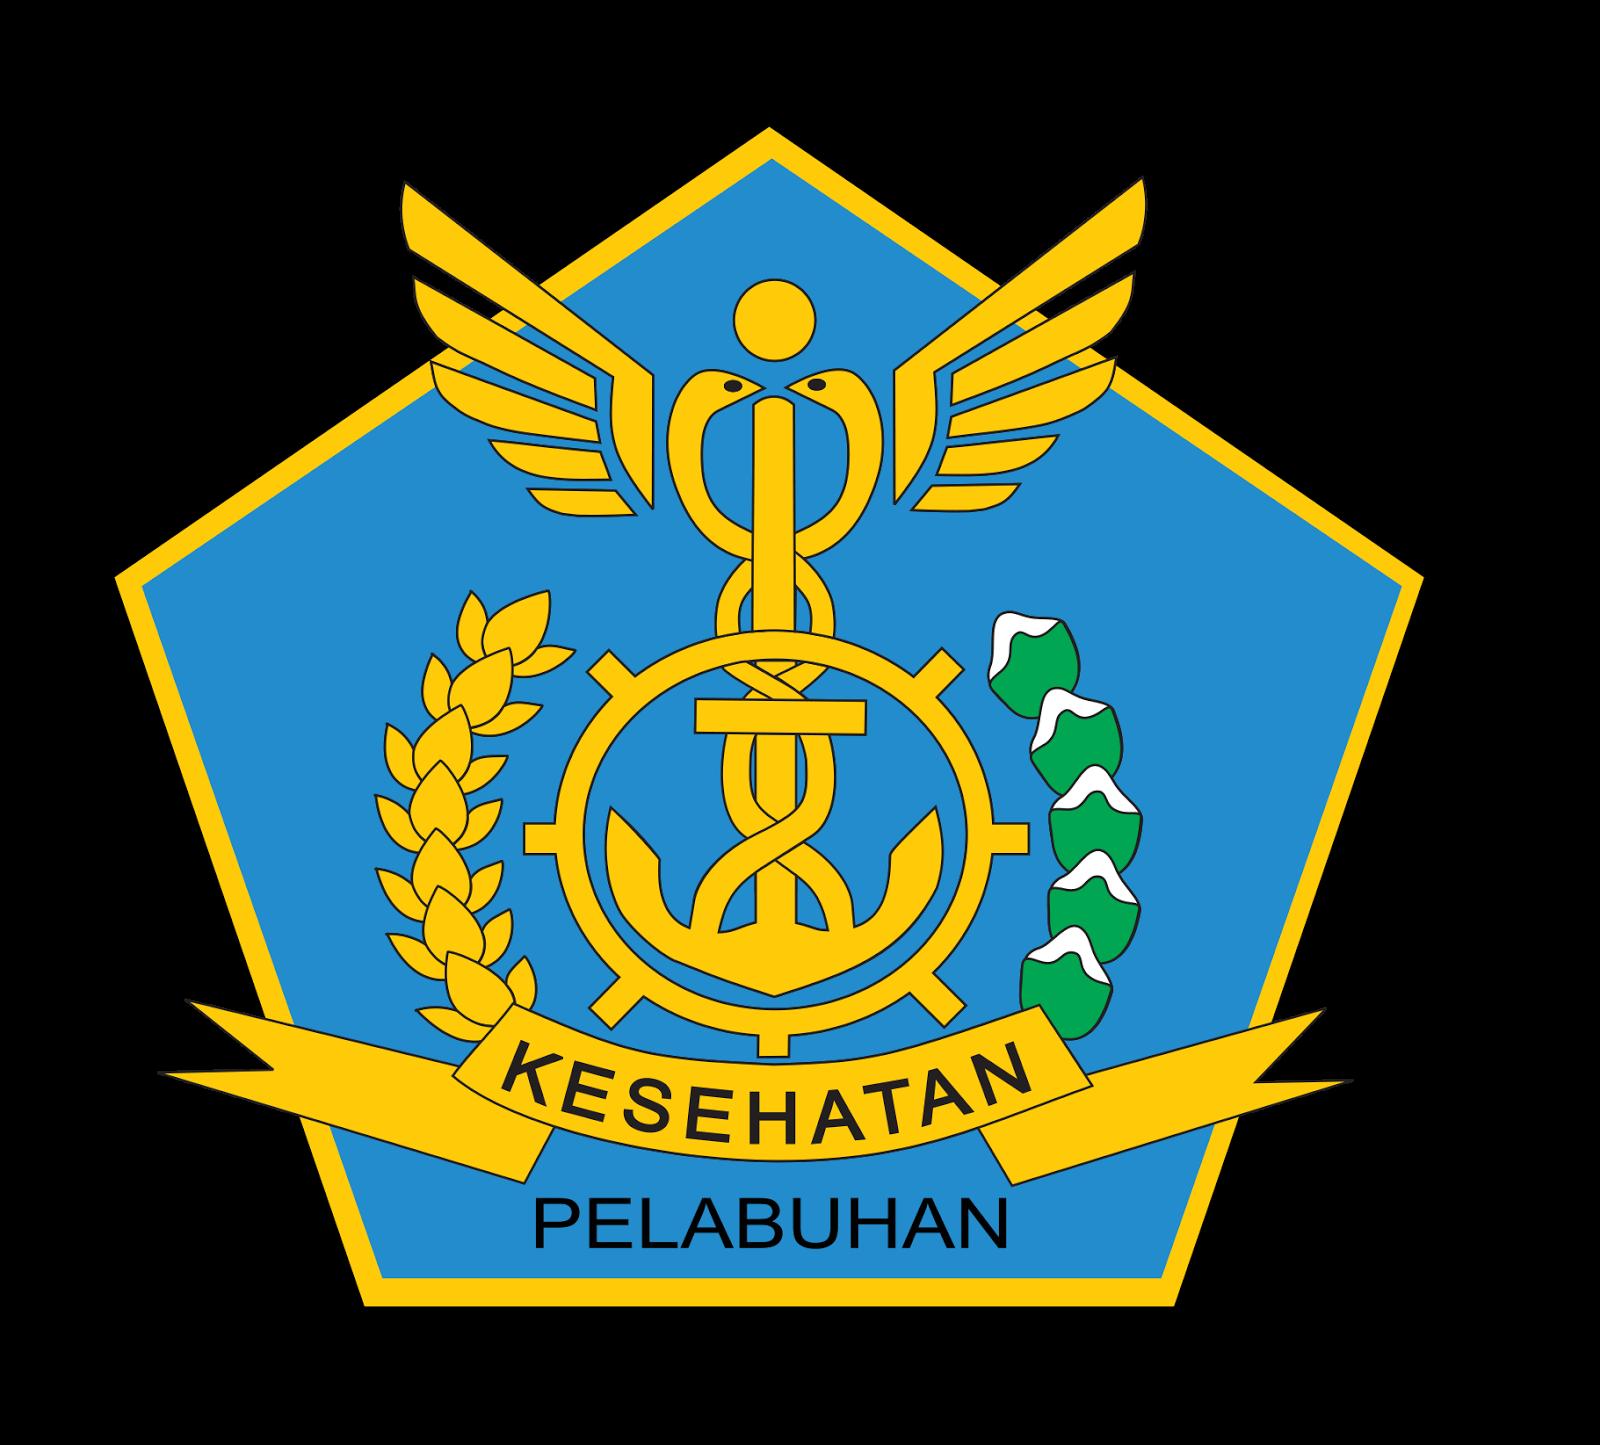 Kantor Kesehatan Pelabuhan Kelas II Palembang